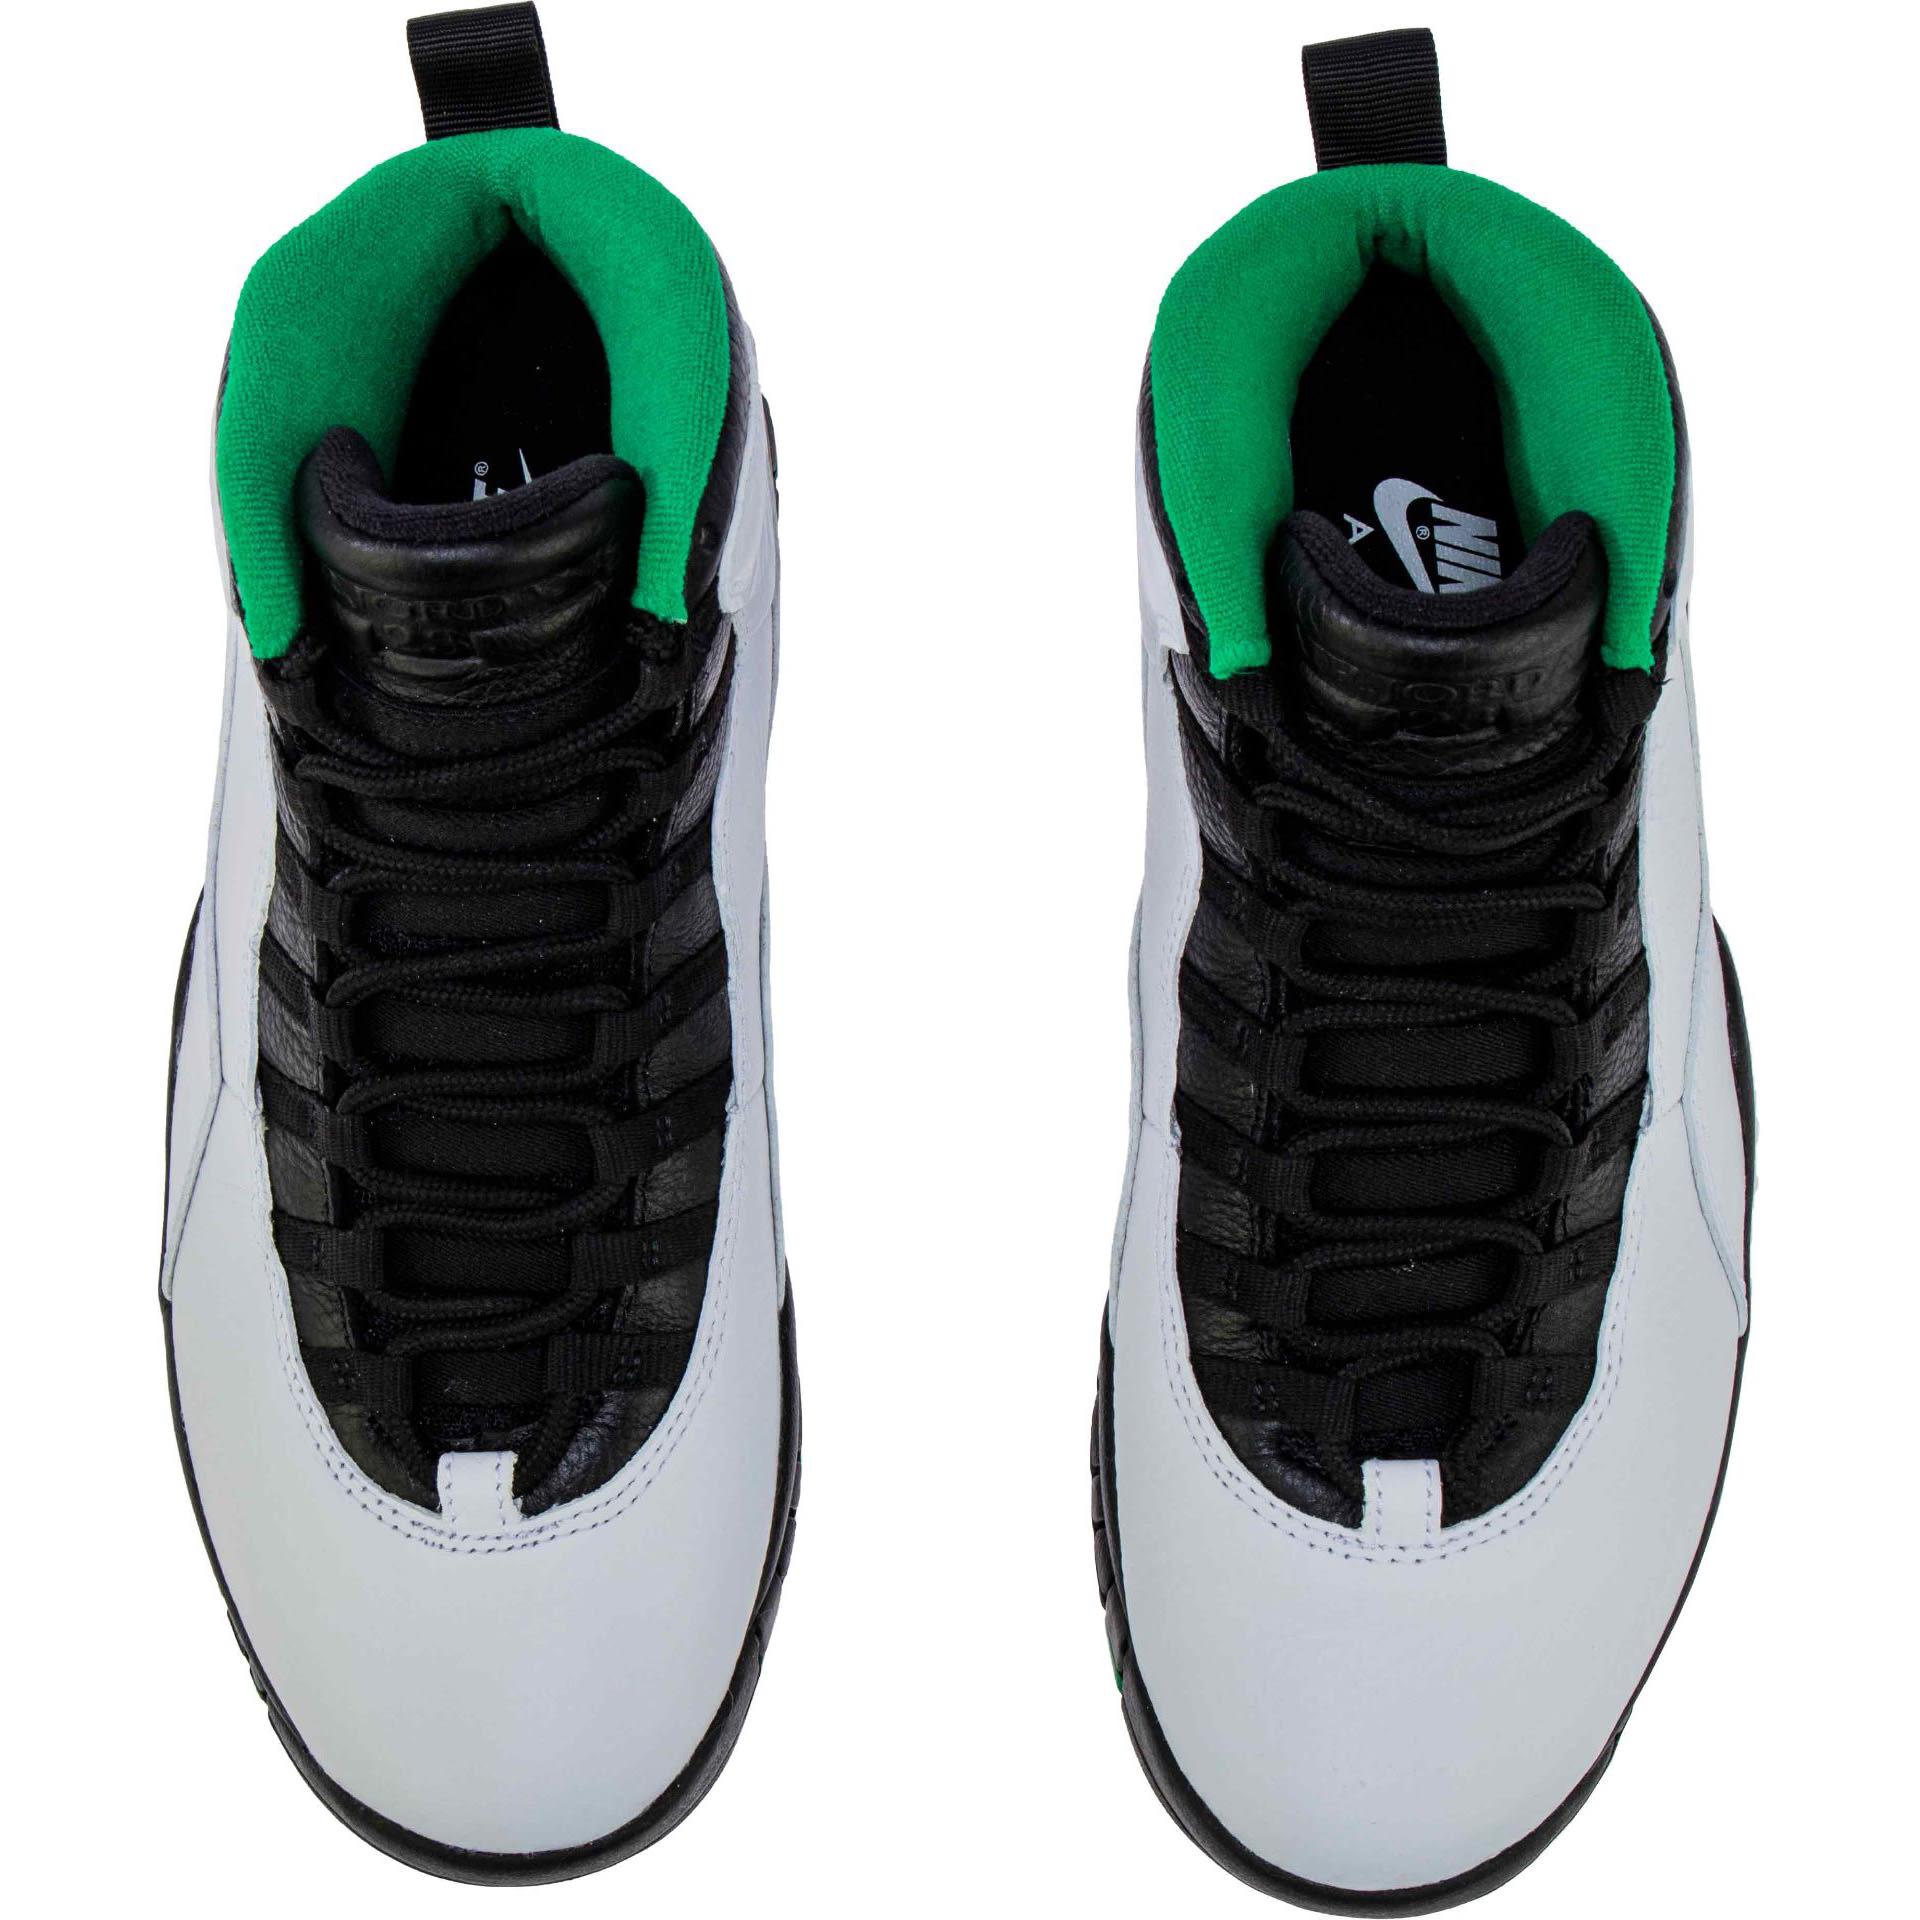 Air Jordan 10 Seattle Release Date 310805-137 Top